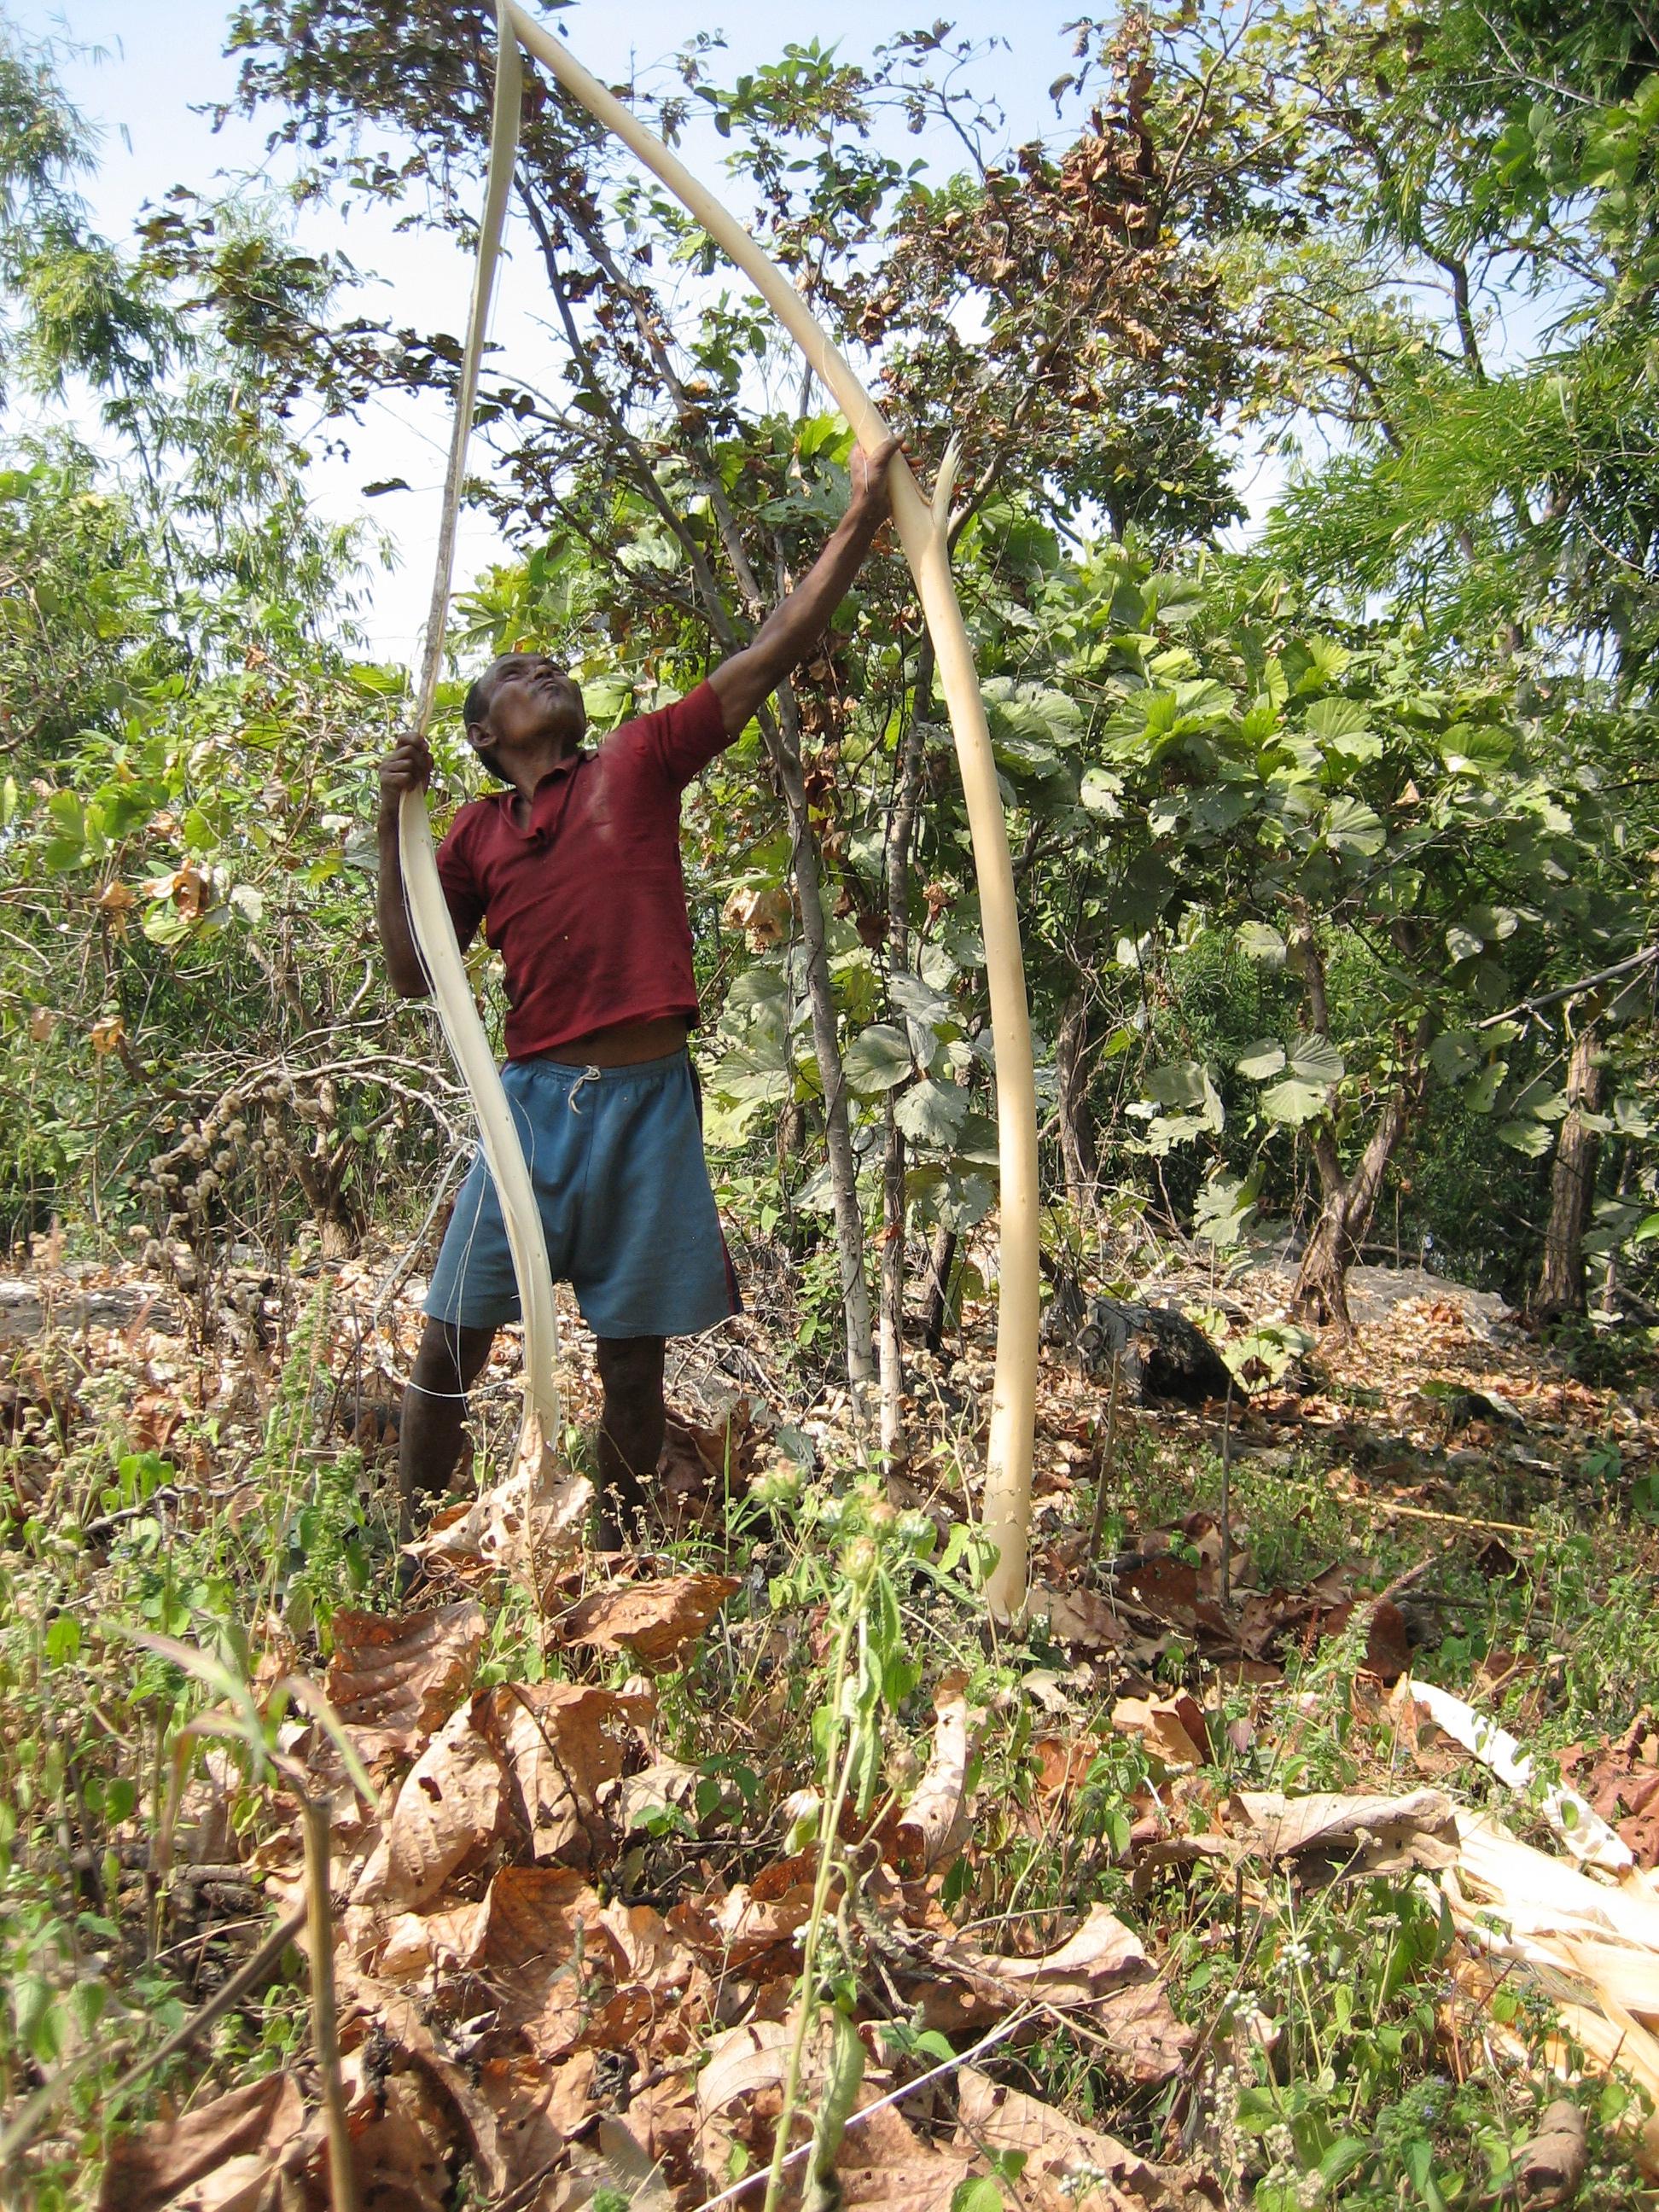 C21 Birhor Adivasi man stripping bark to make rope.jpg